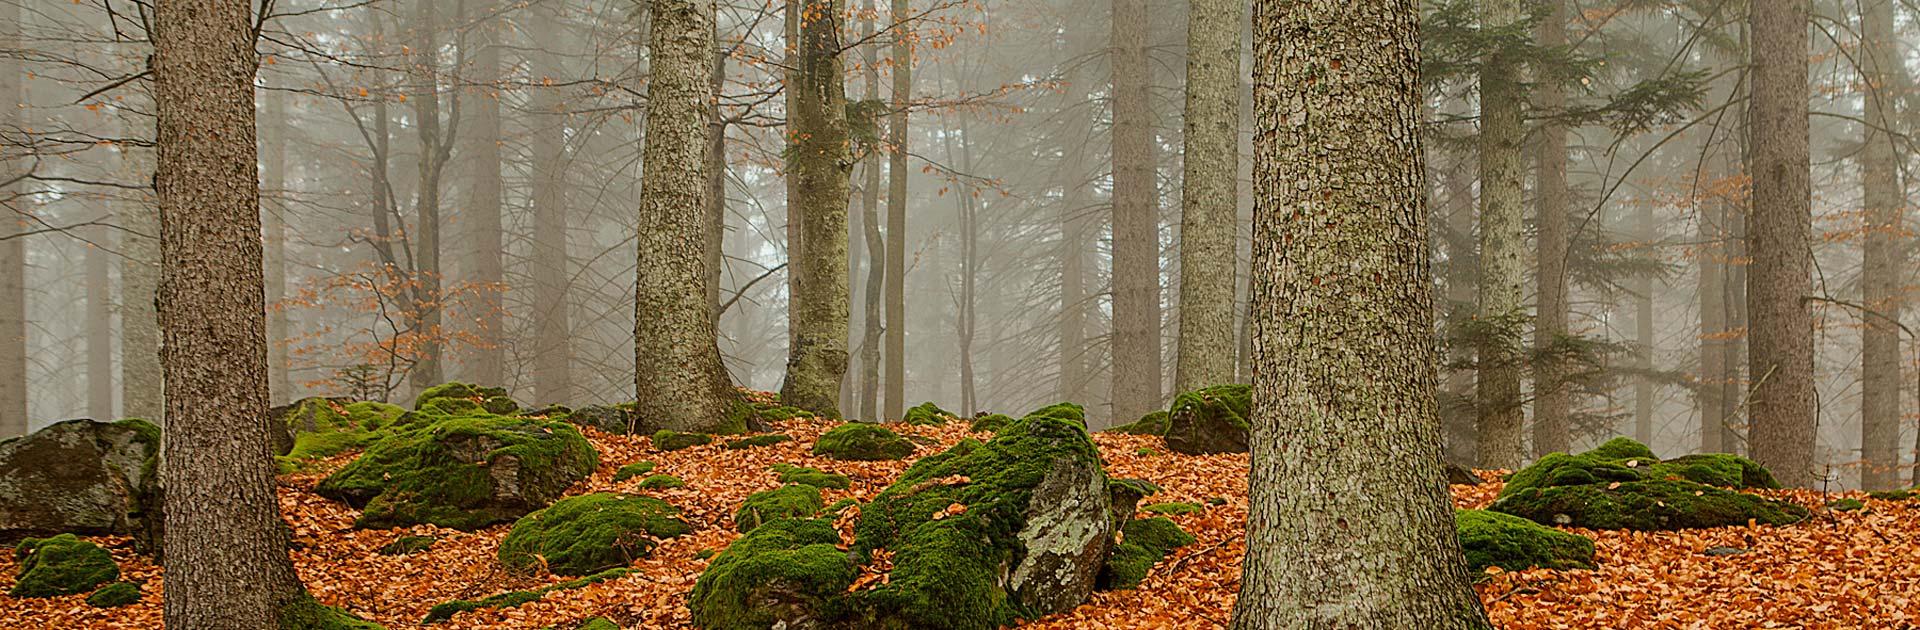 Baumfällung, Baumkontrolle und Kranfällung - Lentner aus Hohenau